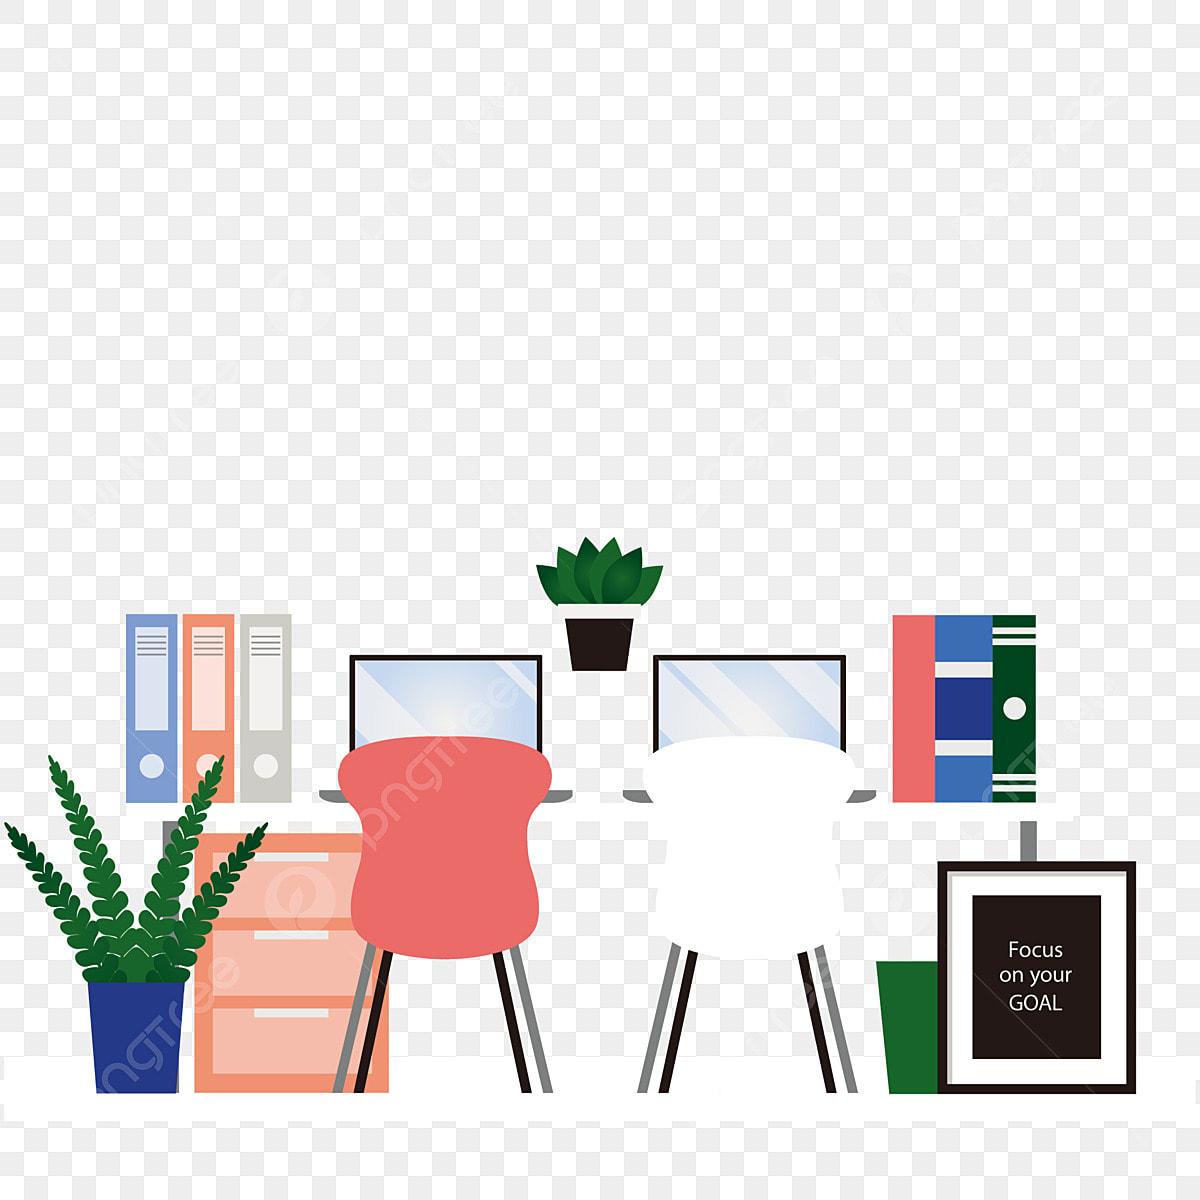 事務所 仕事 家で イラスト, バナー, 仕事, グリーンプラント画像素材の無料ダウンロードのためのPNGとベクトル